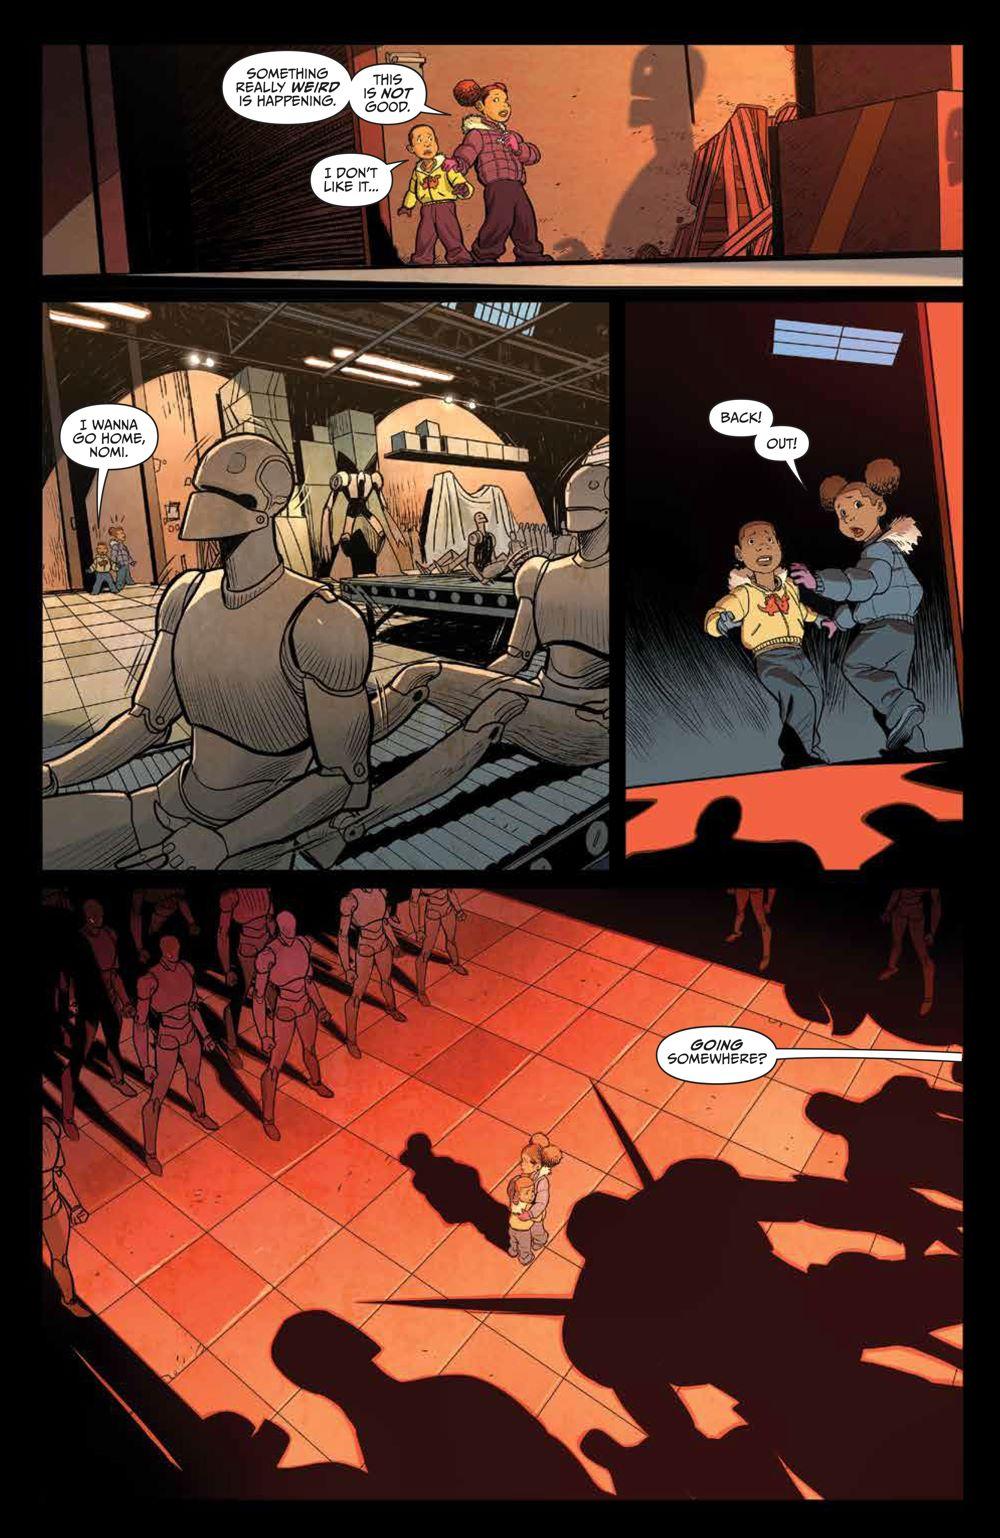 Klaus_NewAdventures_SC_PRESS_17 ComicList Previews: KLAUS THE NEW ADVENTURES OF SANTA CLAUS GN